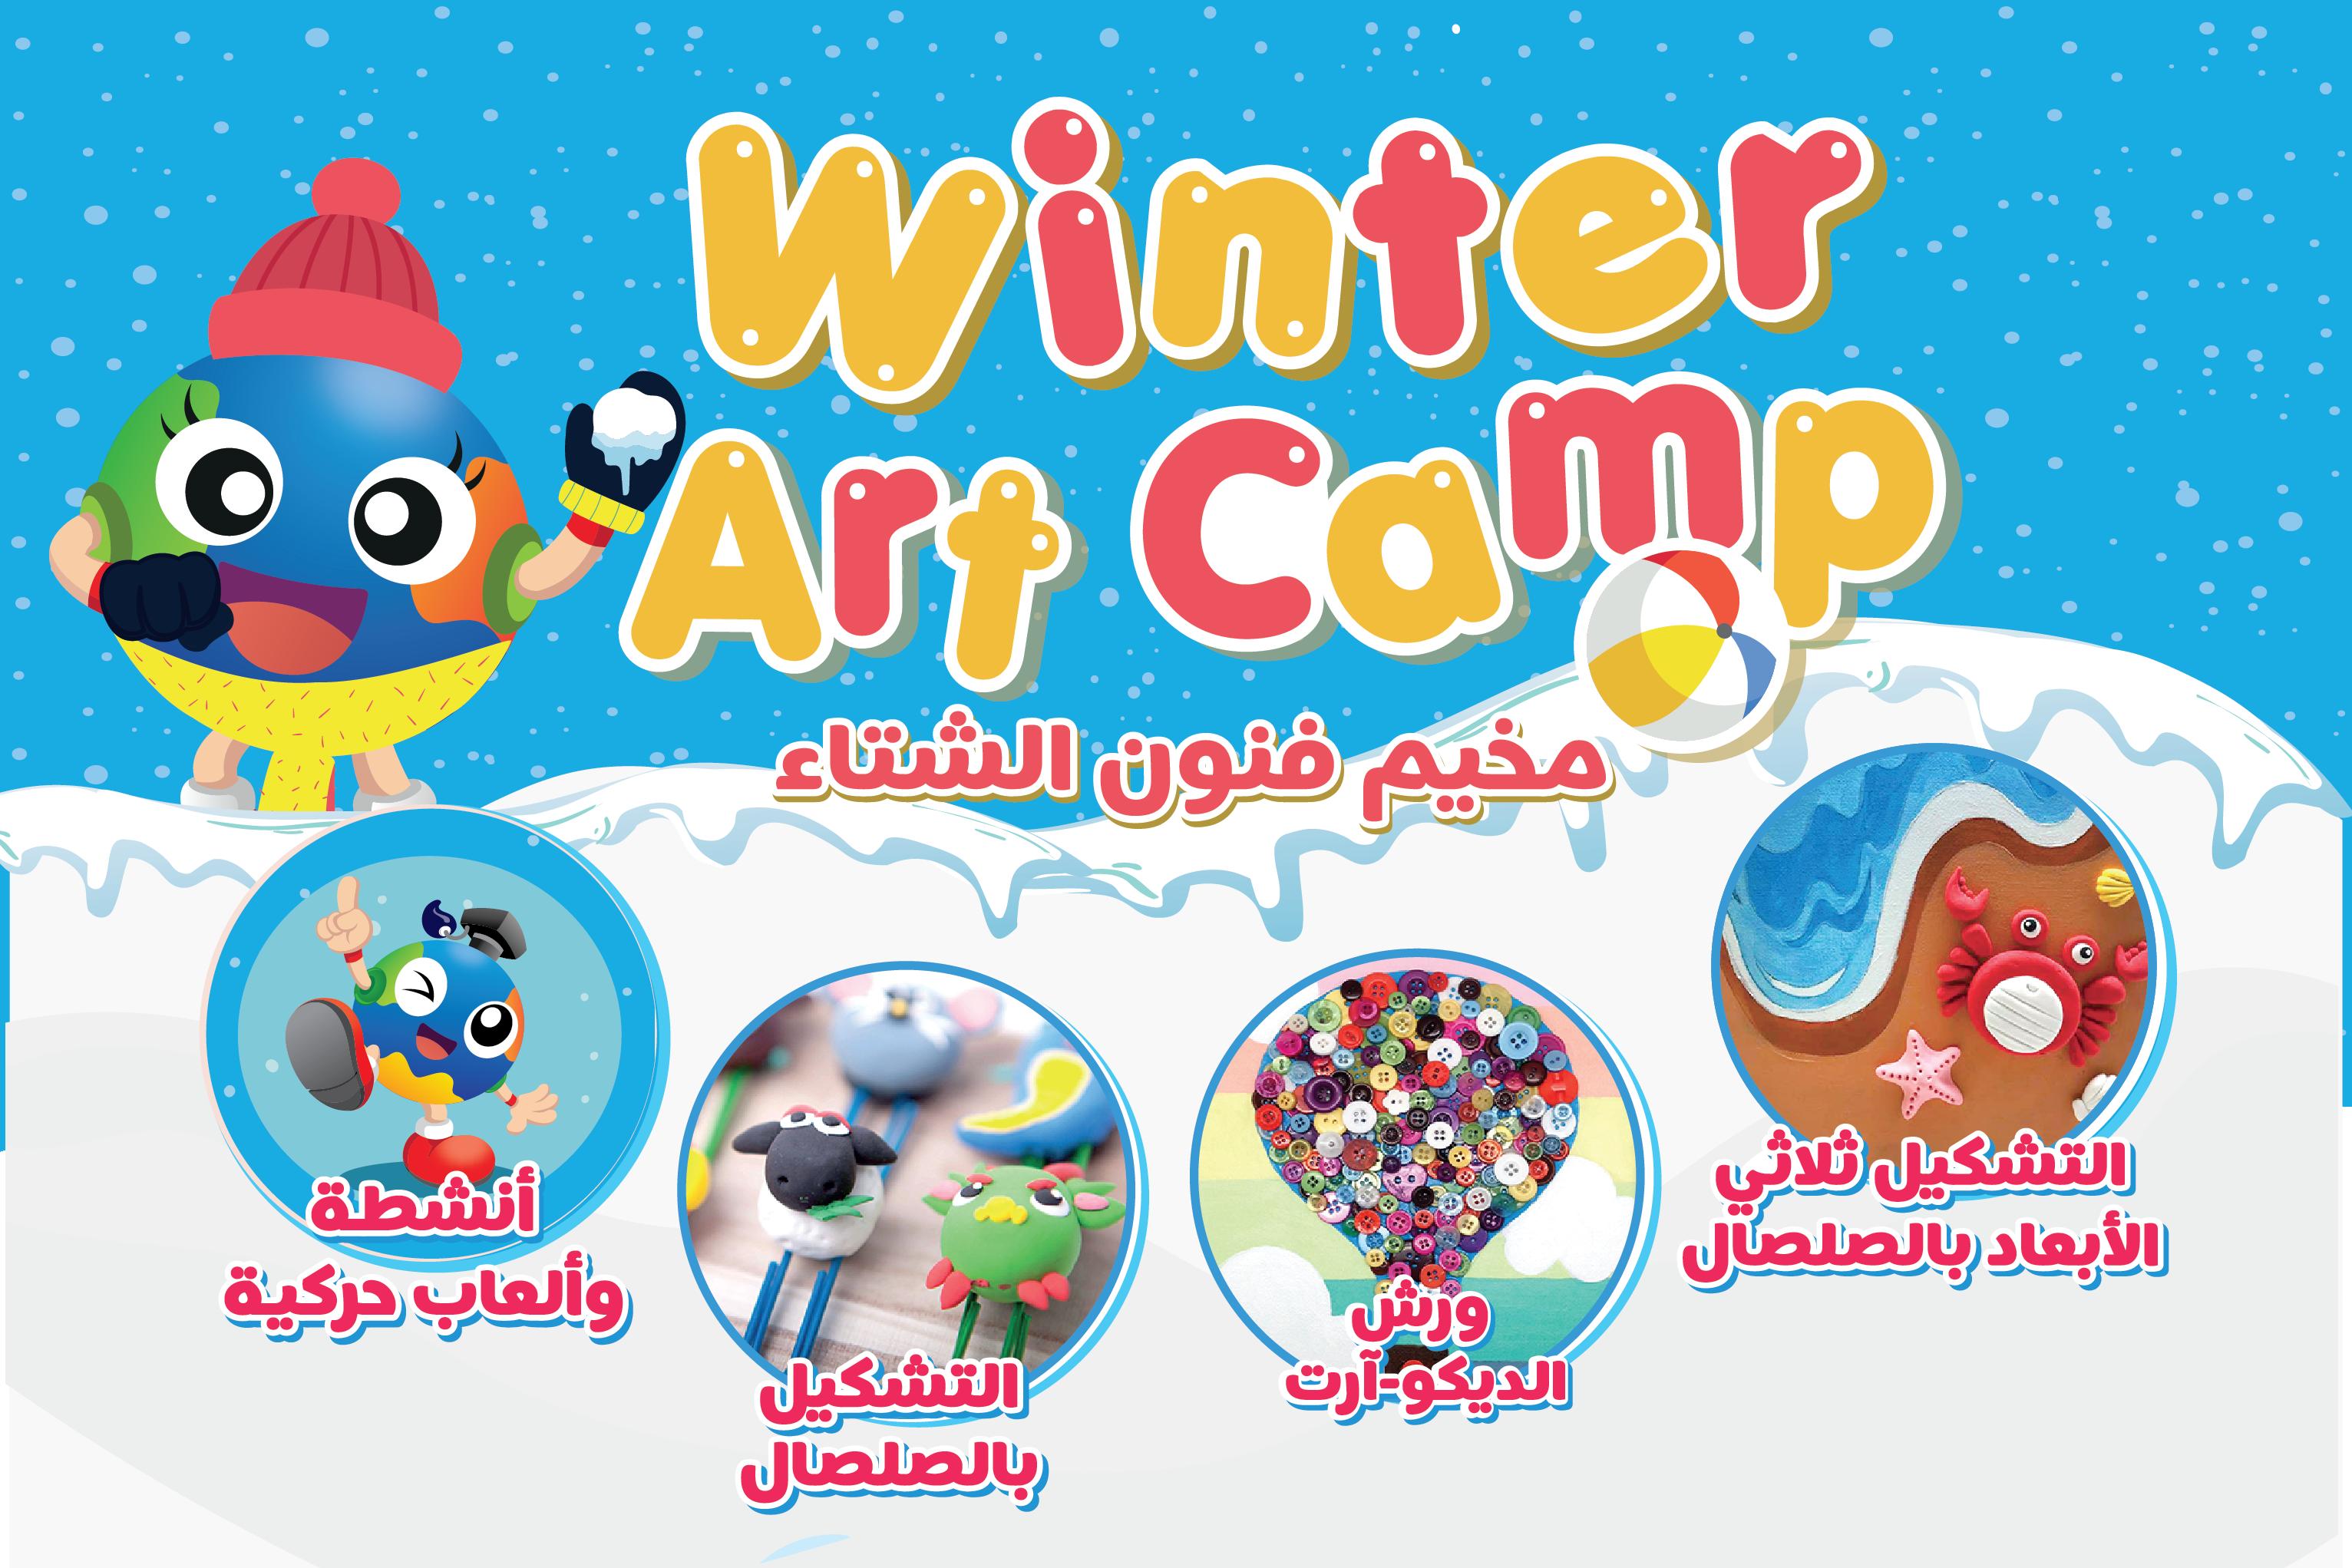 المخيم الشتوي (Winter Art Camp)